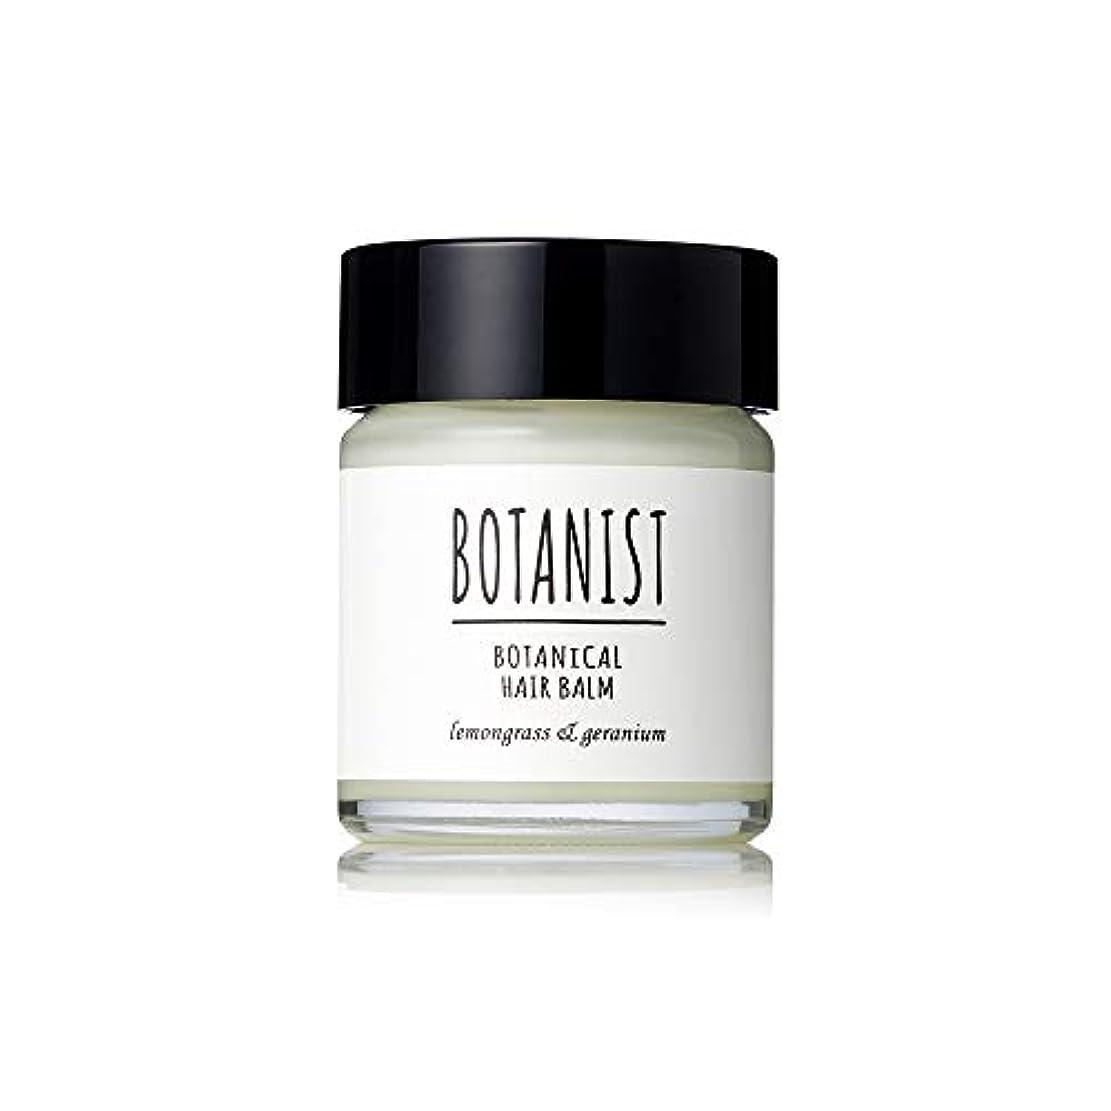 あからさま組み合わせるアクセスBOTANIST ボタニスト ボタニカルヘアバーム 32g レモングラス&ゼラニウムの香り